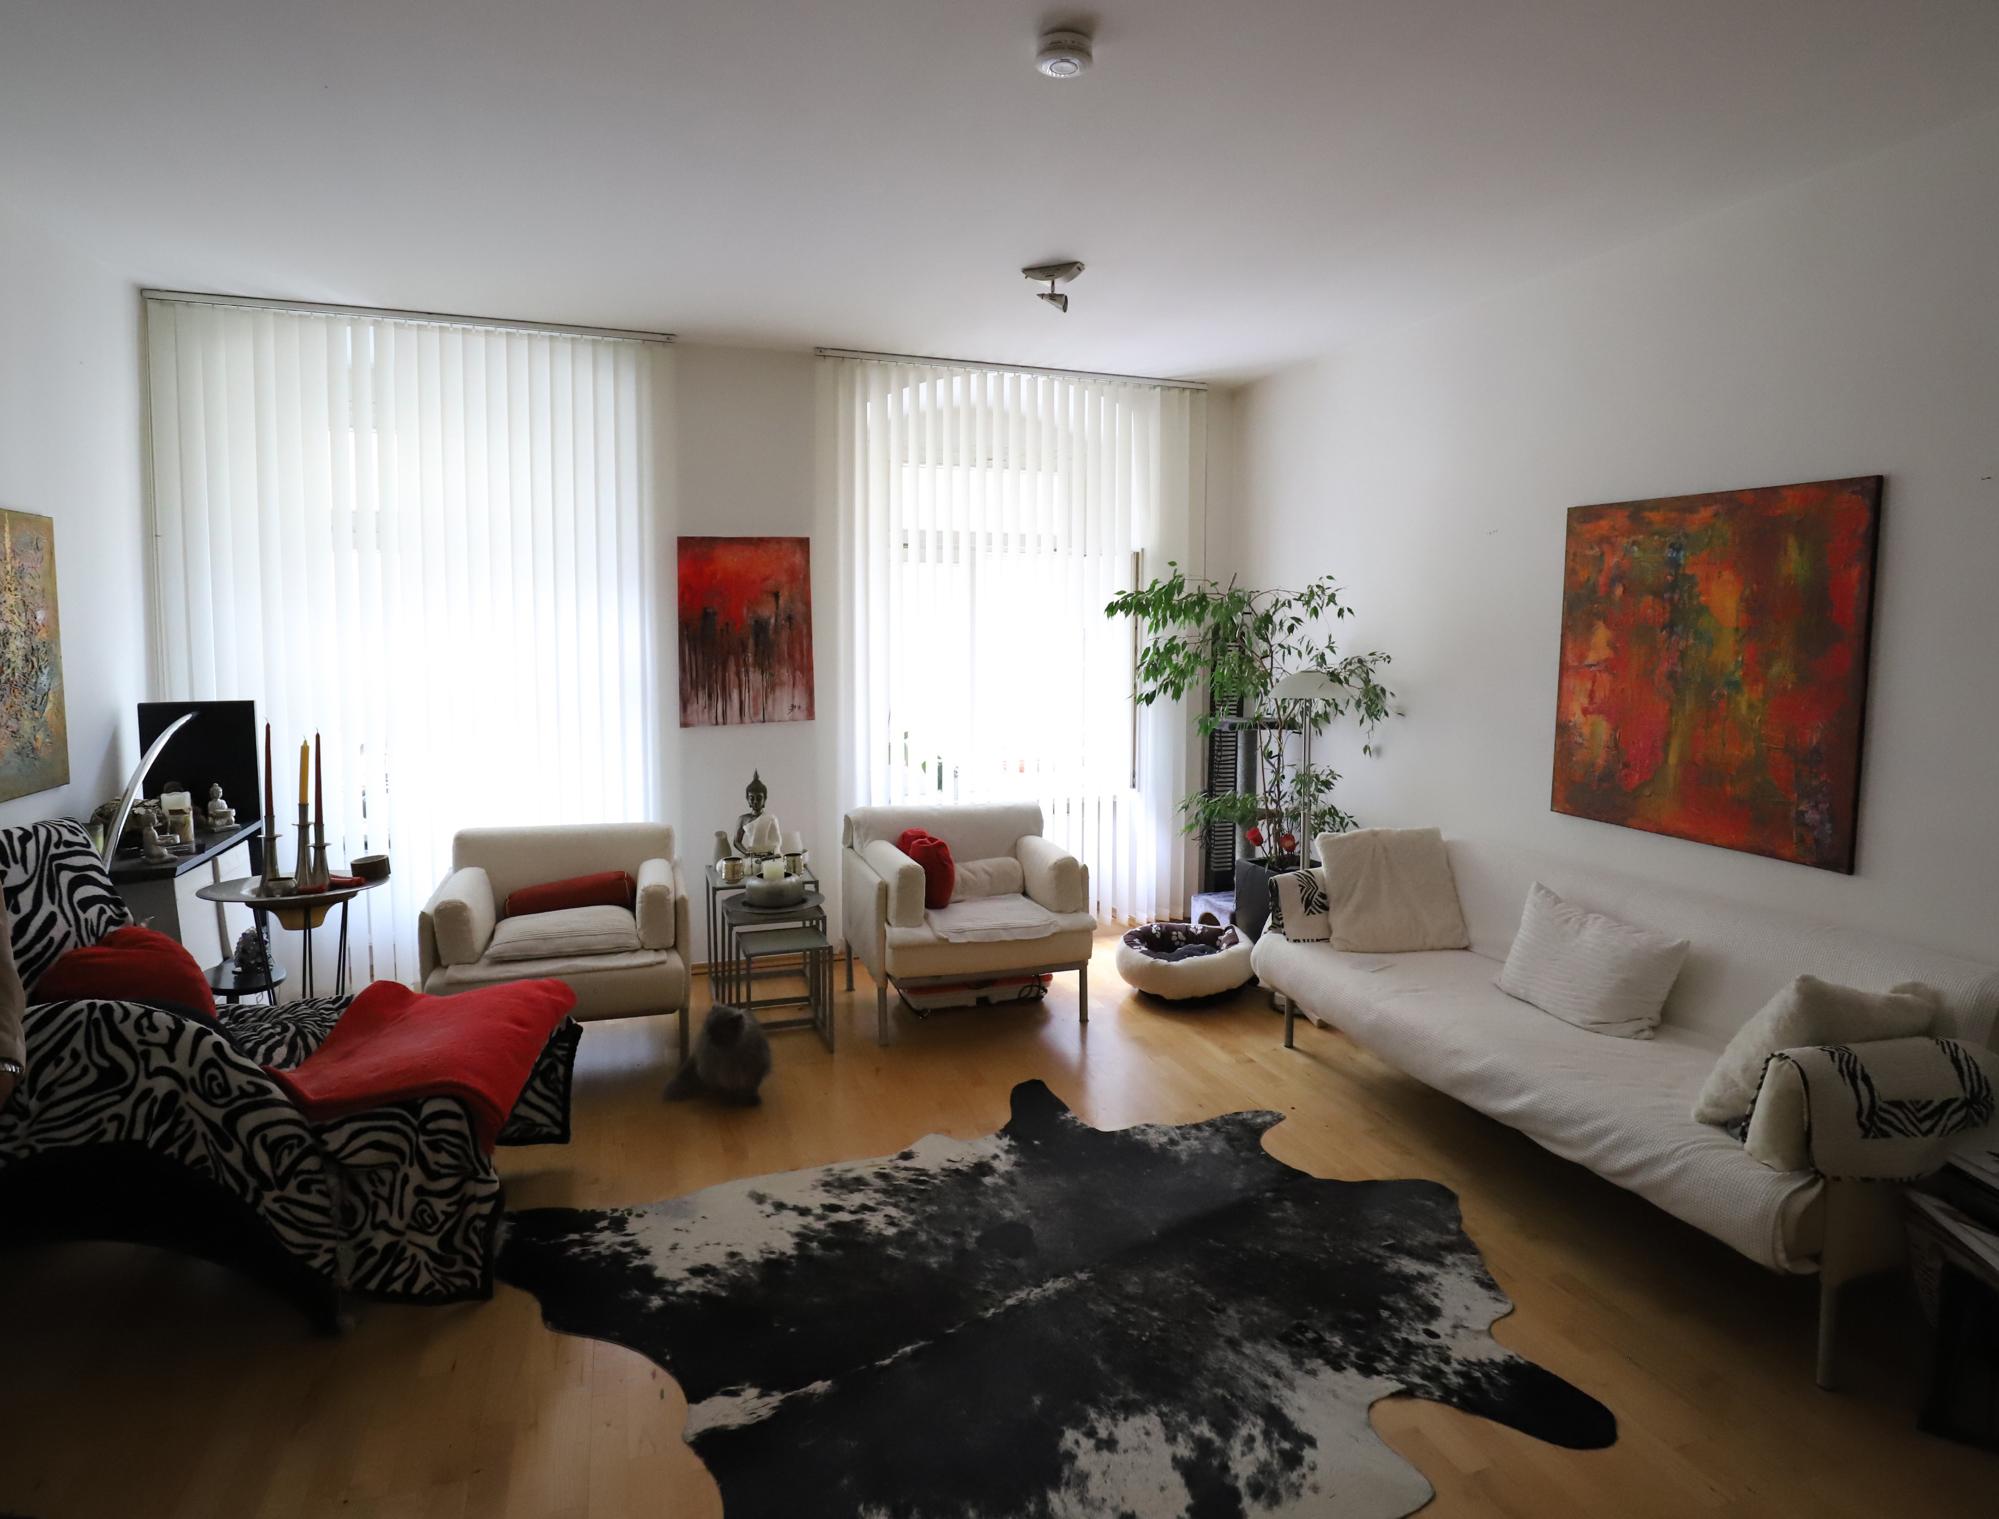 gemütliches, helles Wohnzimmer